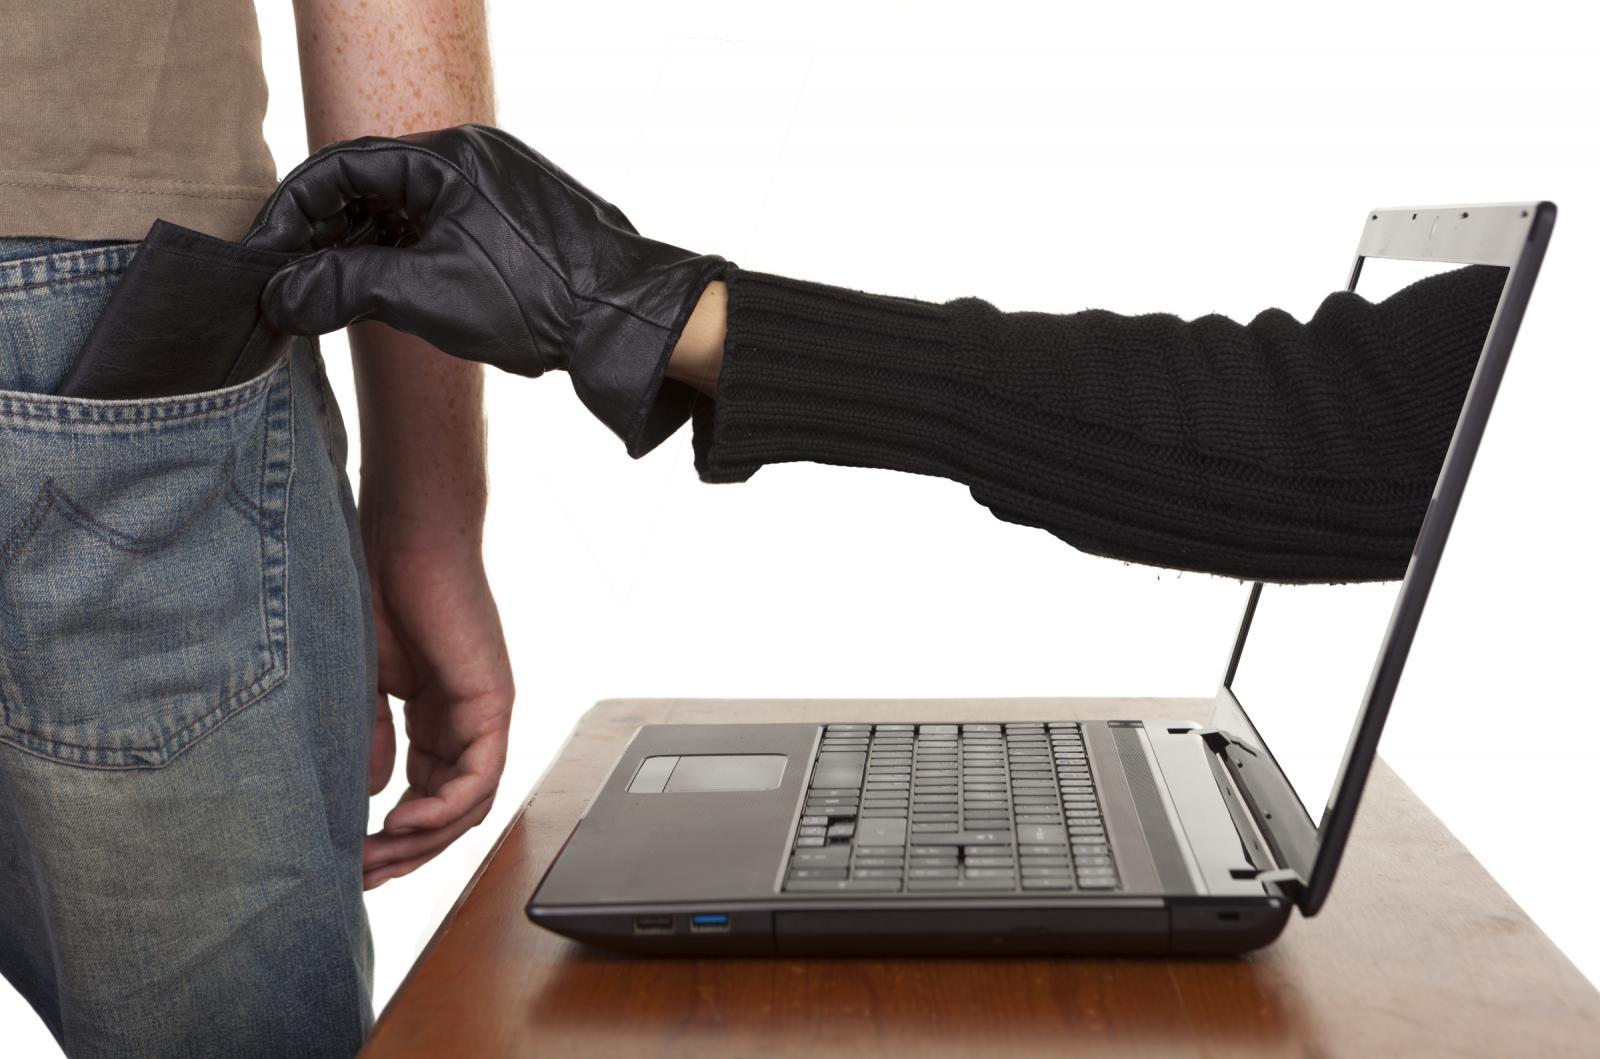 ВРоссии выросла натреть доля мошеннических звонков